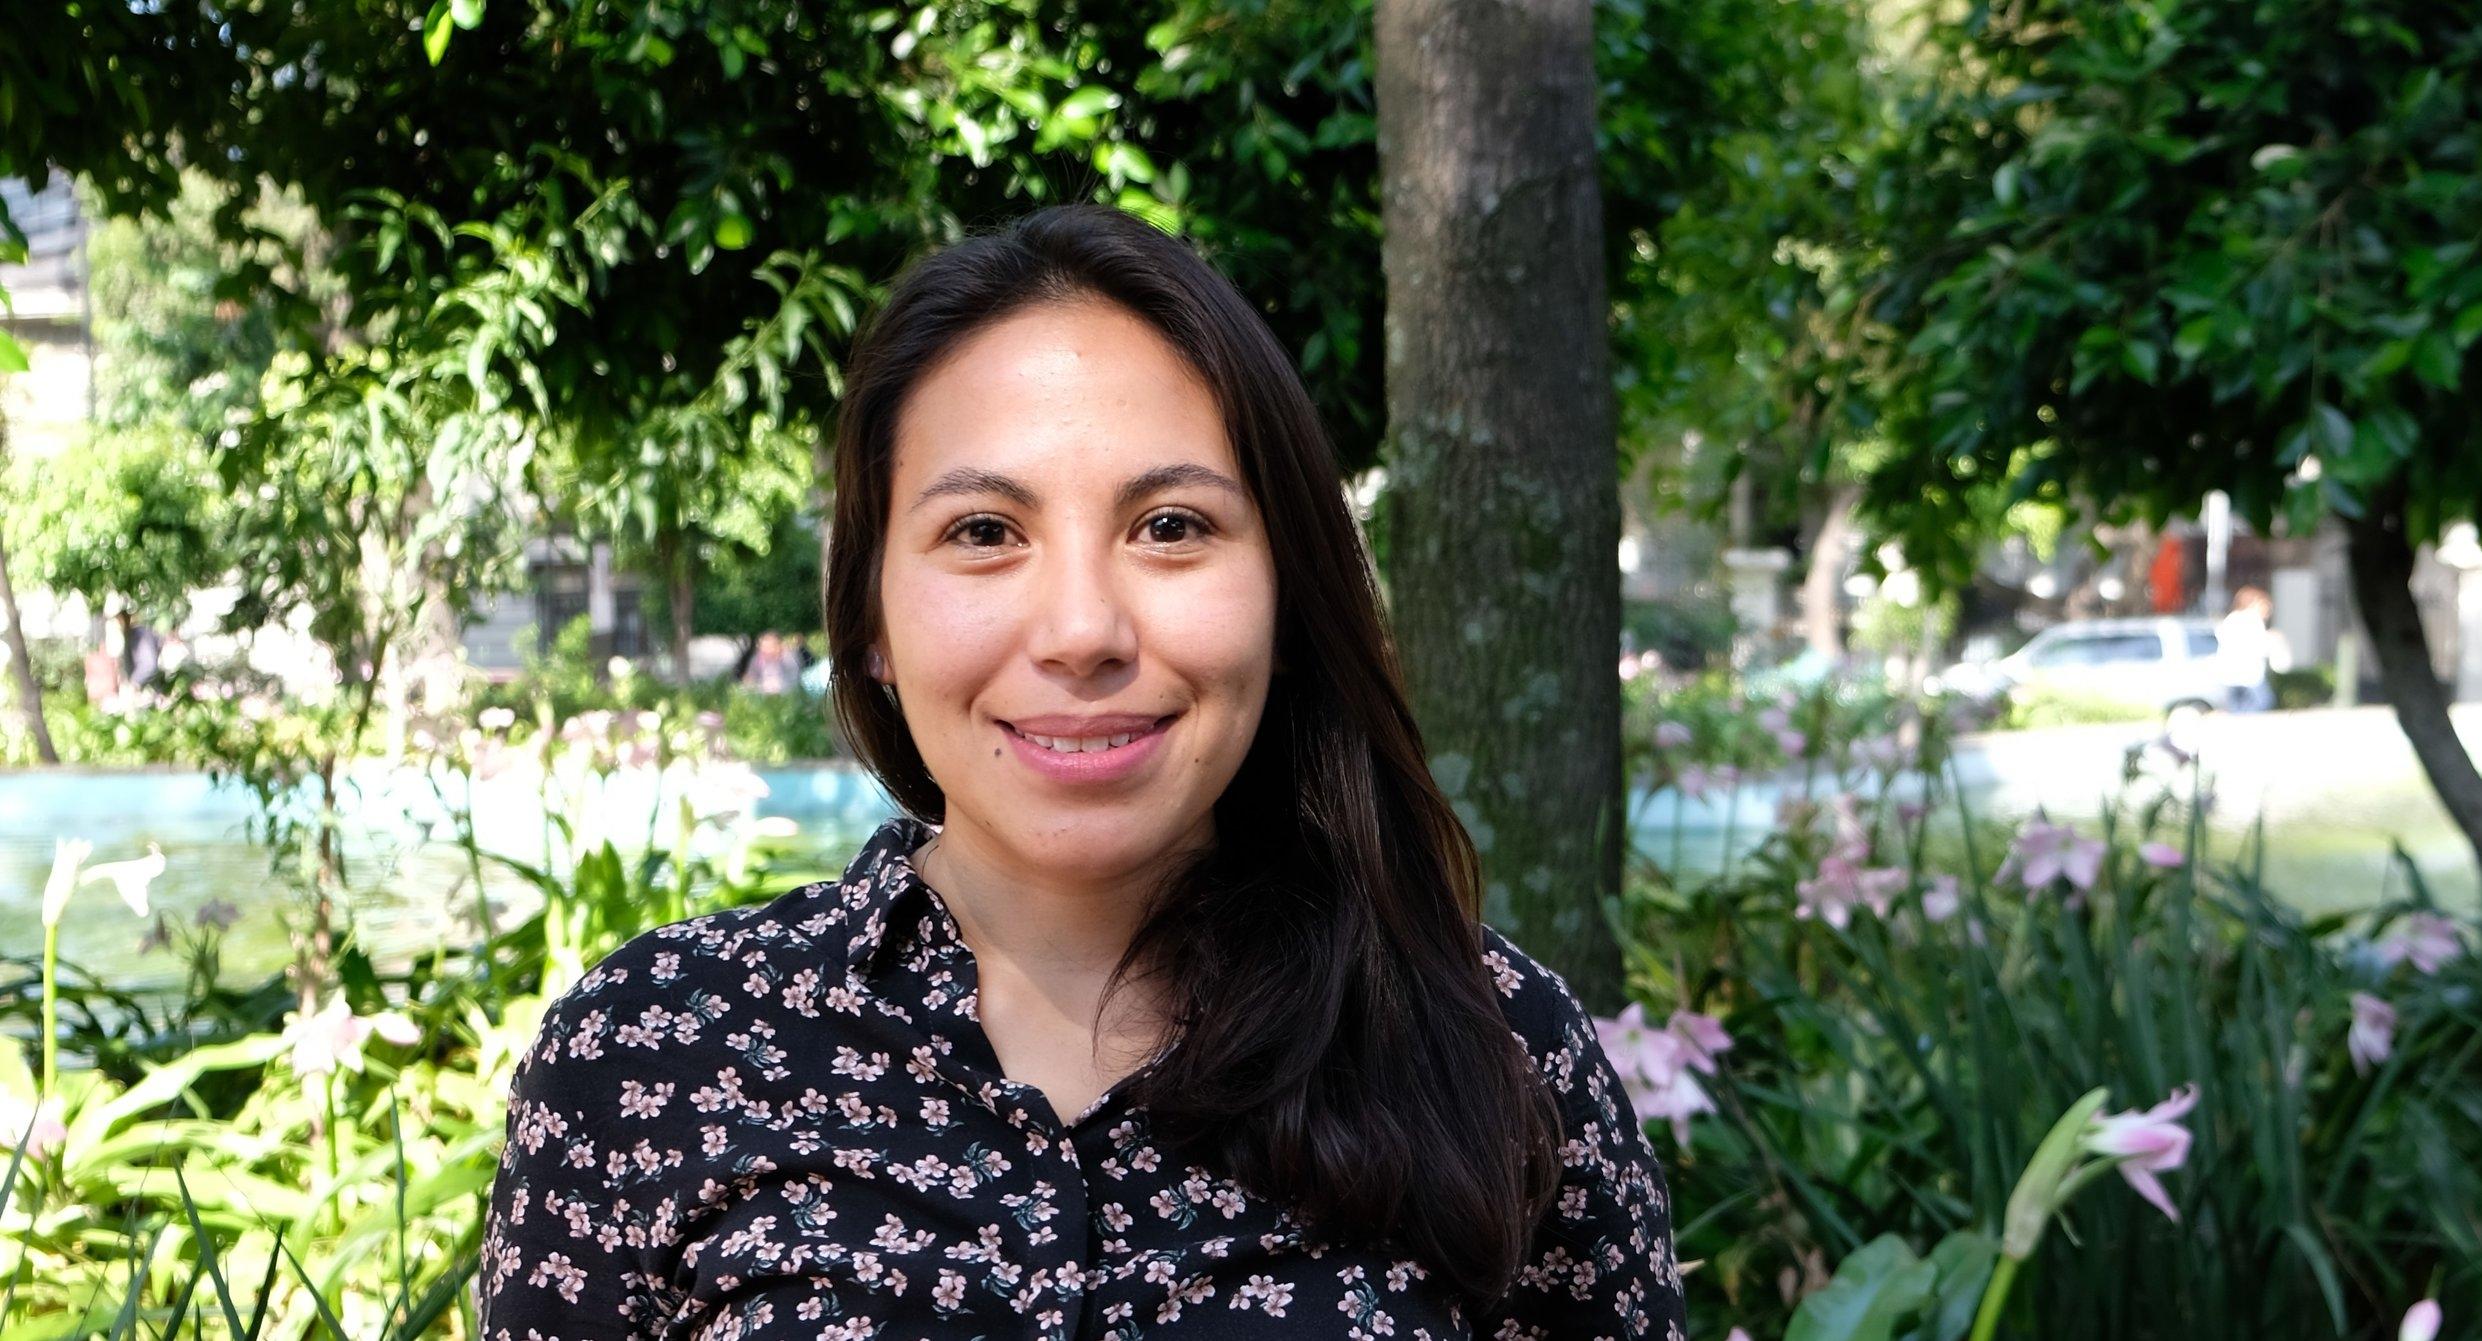 Fátima Cisneros Analista de Contenidos  Fátima es egresada de la Universidad Nacional Autónoma de México, Licenciada en Planificación para el Desarrollo Agropecuario. En su rol de Analista de Contenidos, Fatima es la encargada de la calidad y de la planeación de la información que transita por la plataforma de comunicación de Extensio, asegurándose que el productor reciba la información adecuada para tomar decisiones, en el momento oportuno y via el canal de comunicación adaptado.